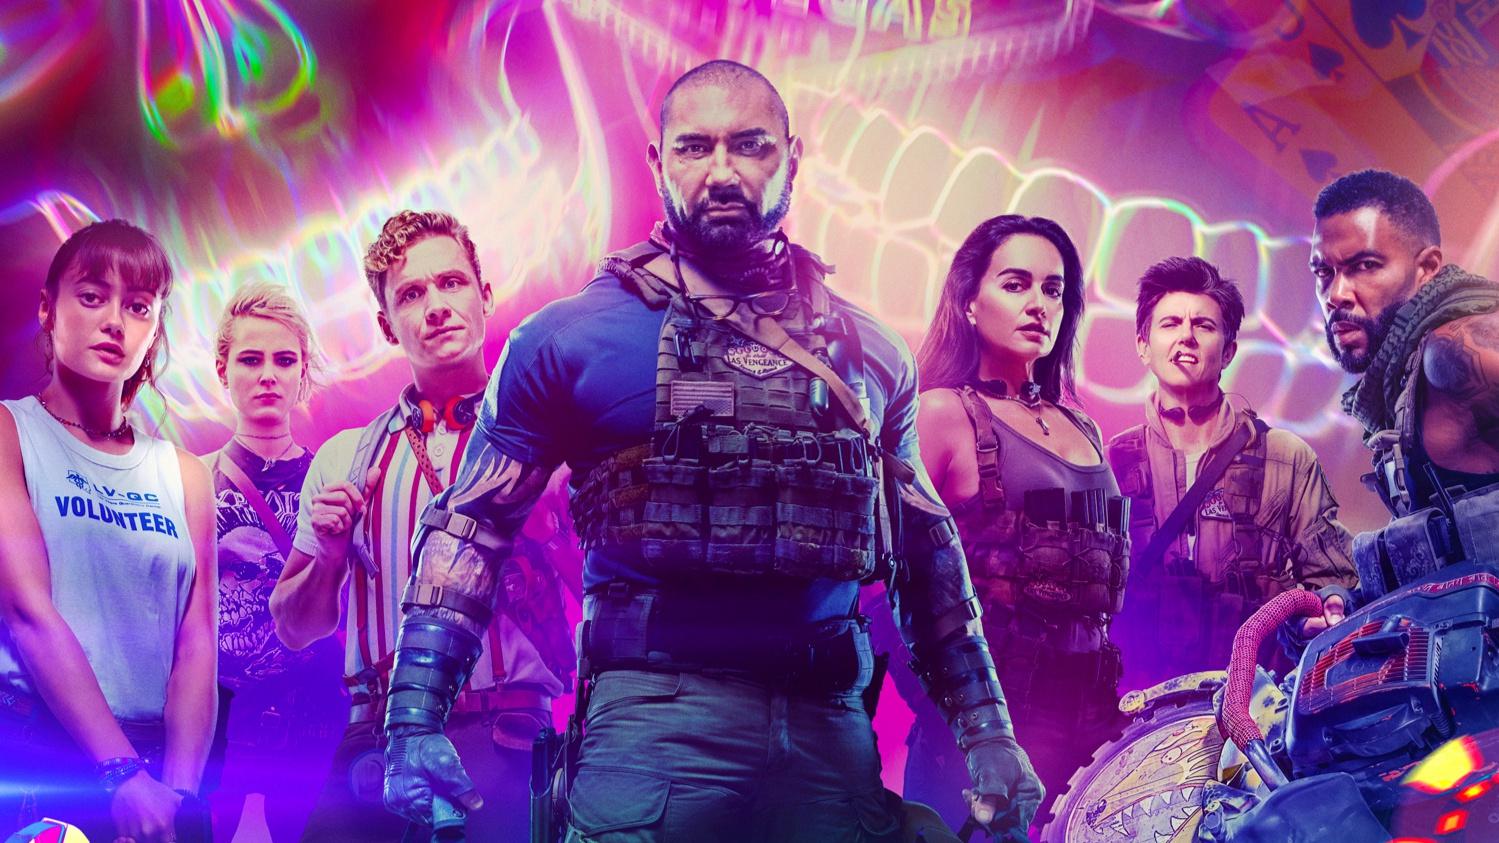 Army of the Dead entra na lista dos maiores lançamentos da Netflix